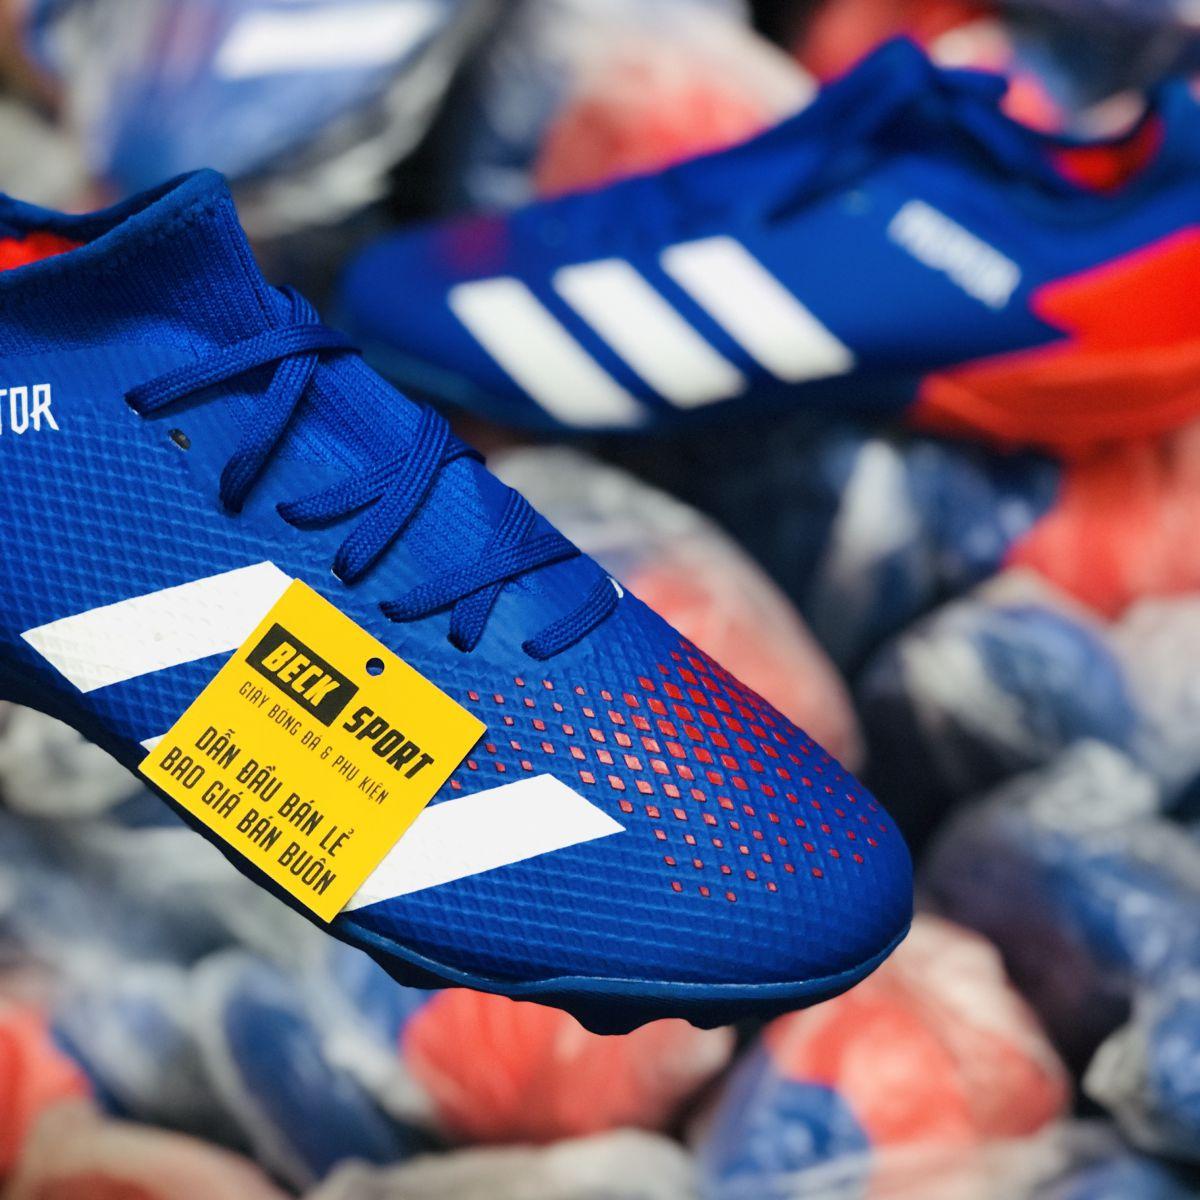 Giày Bóng Đá Adidas Predator 20.3 Tormentor Xanh Biển Vạch Trắng Mũi Đỏ TF